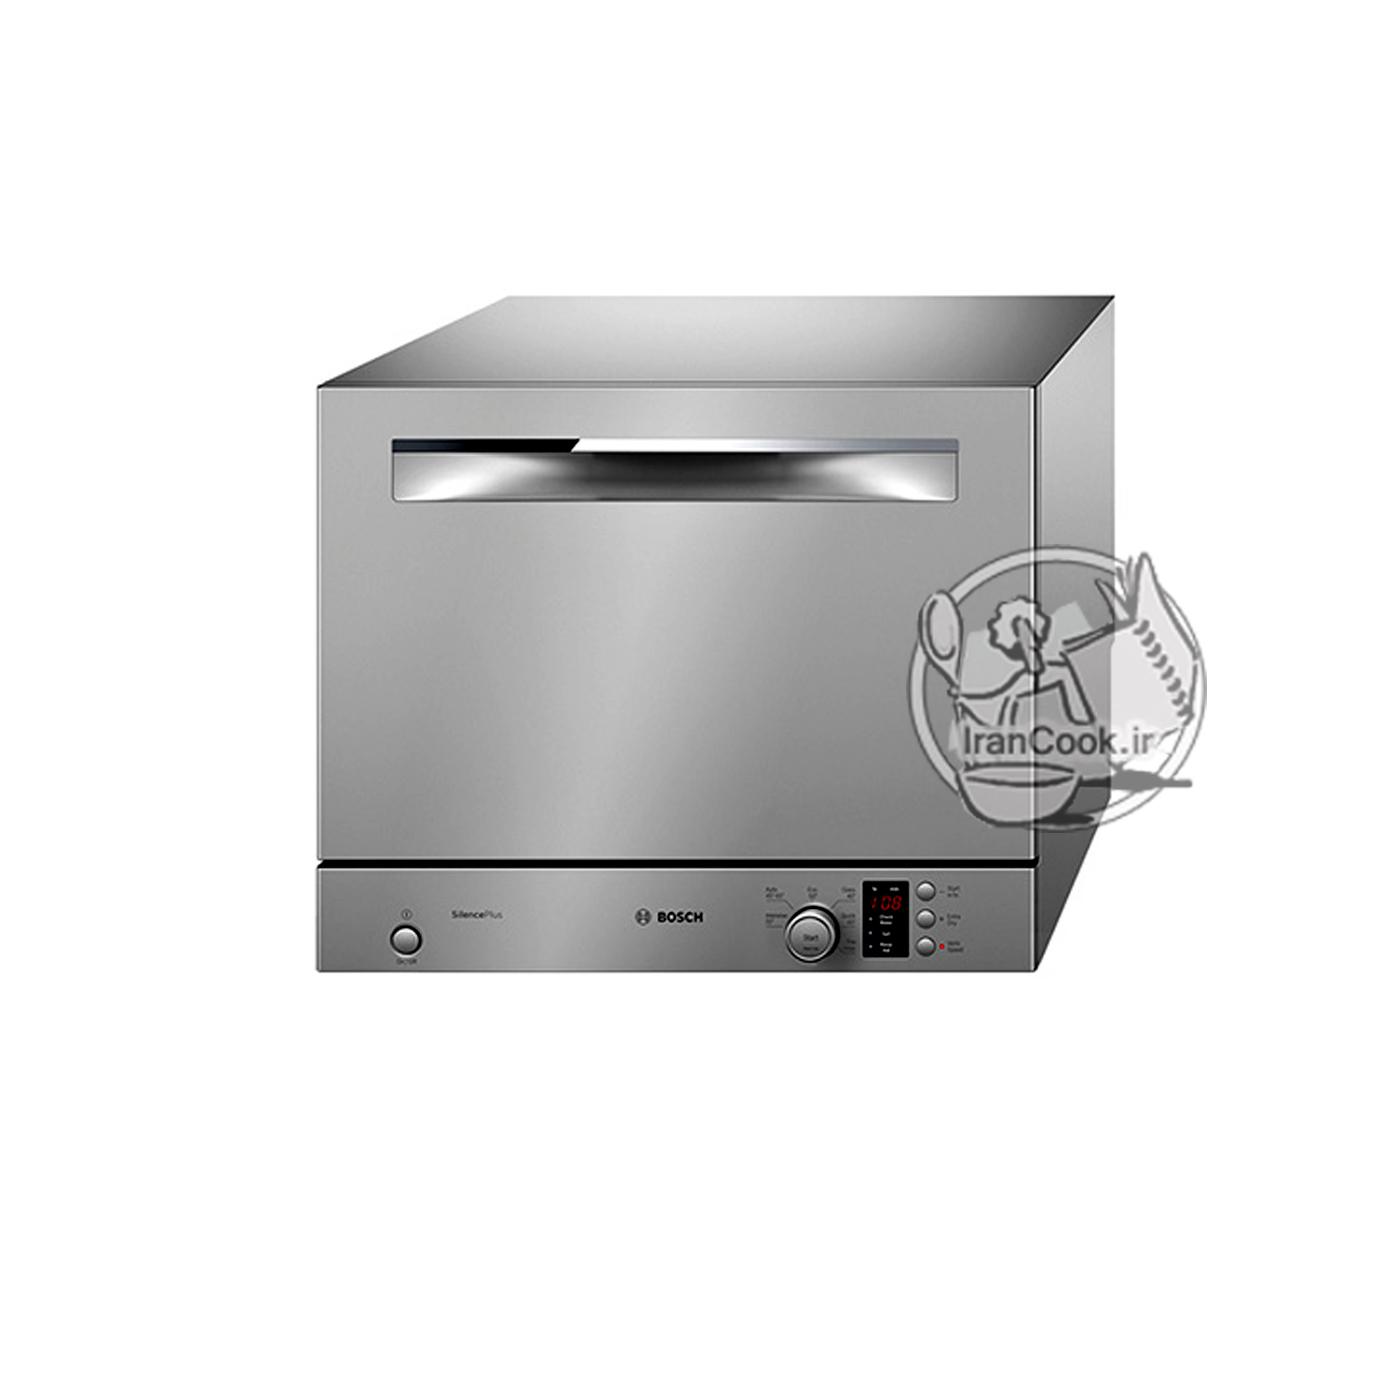 ماشین ظرفشویی رومیزی BOSCH مدل SKS62E28IR